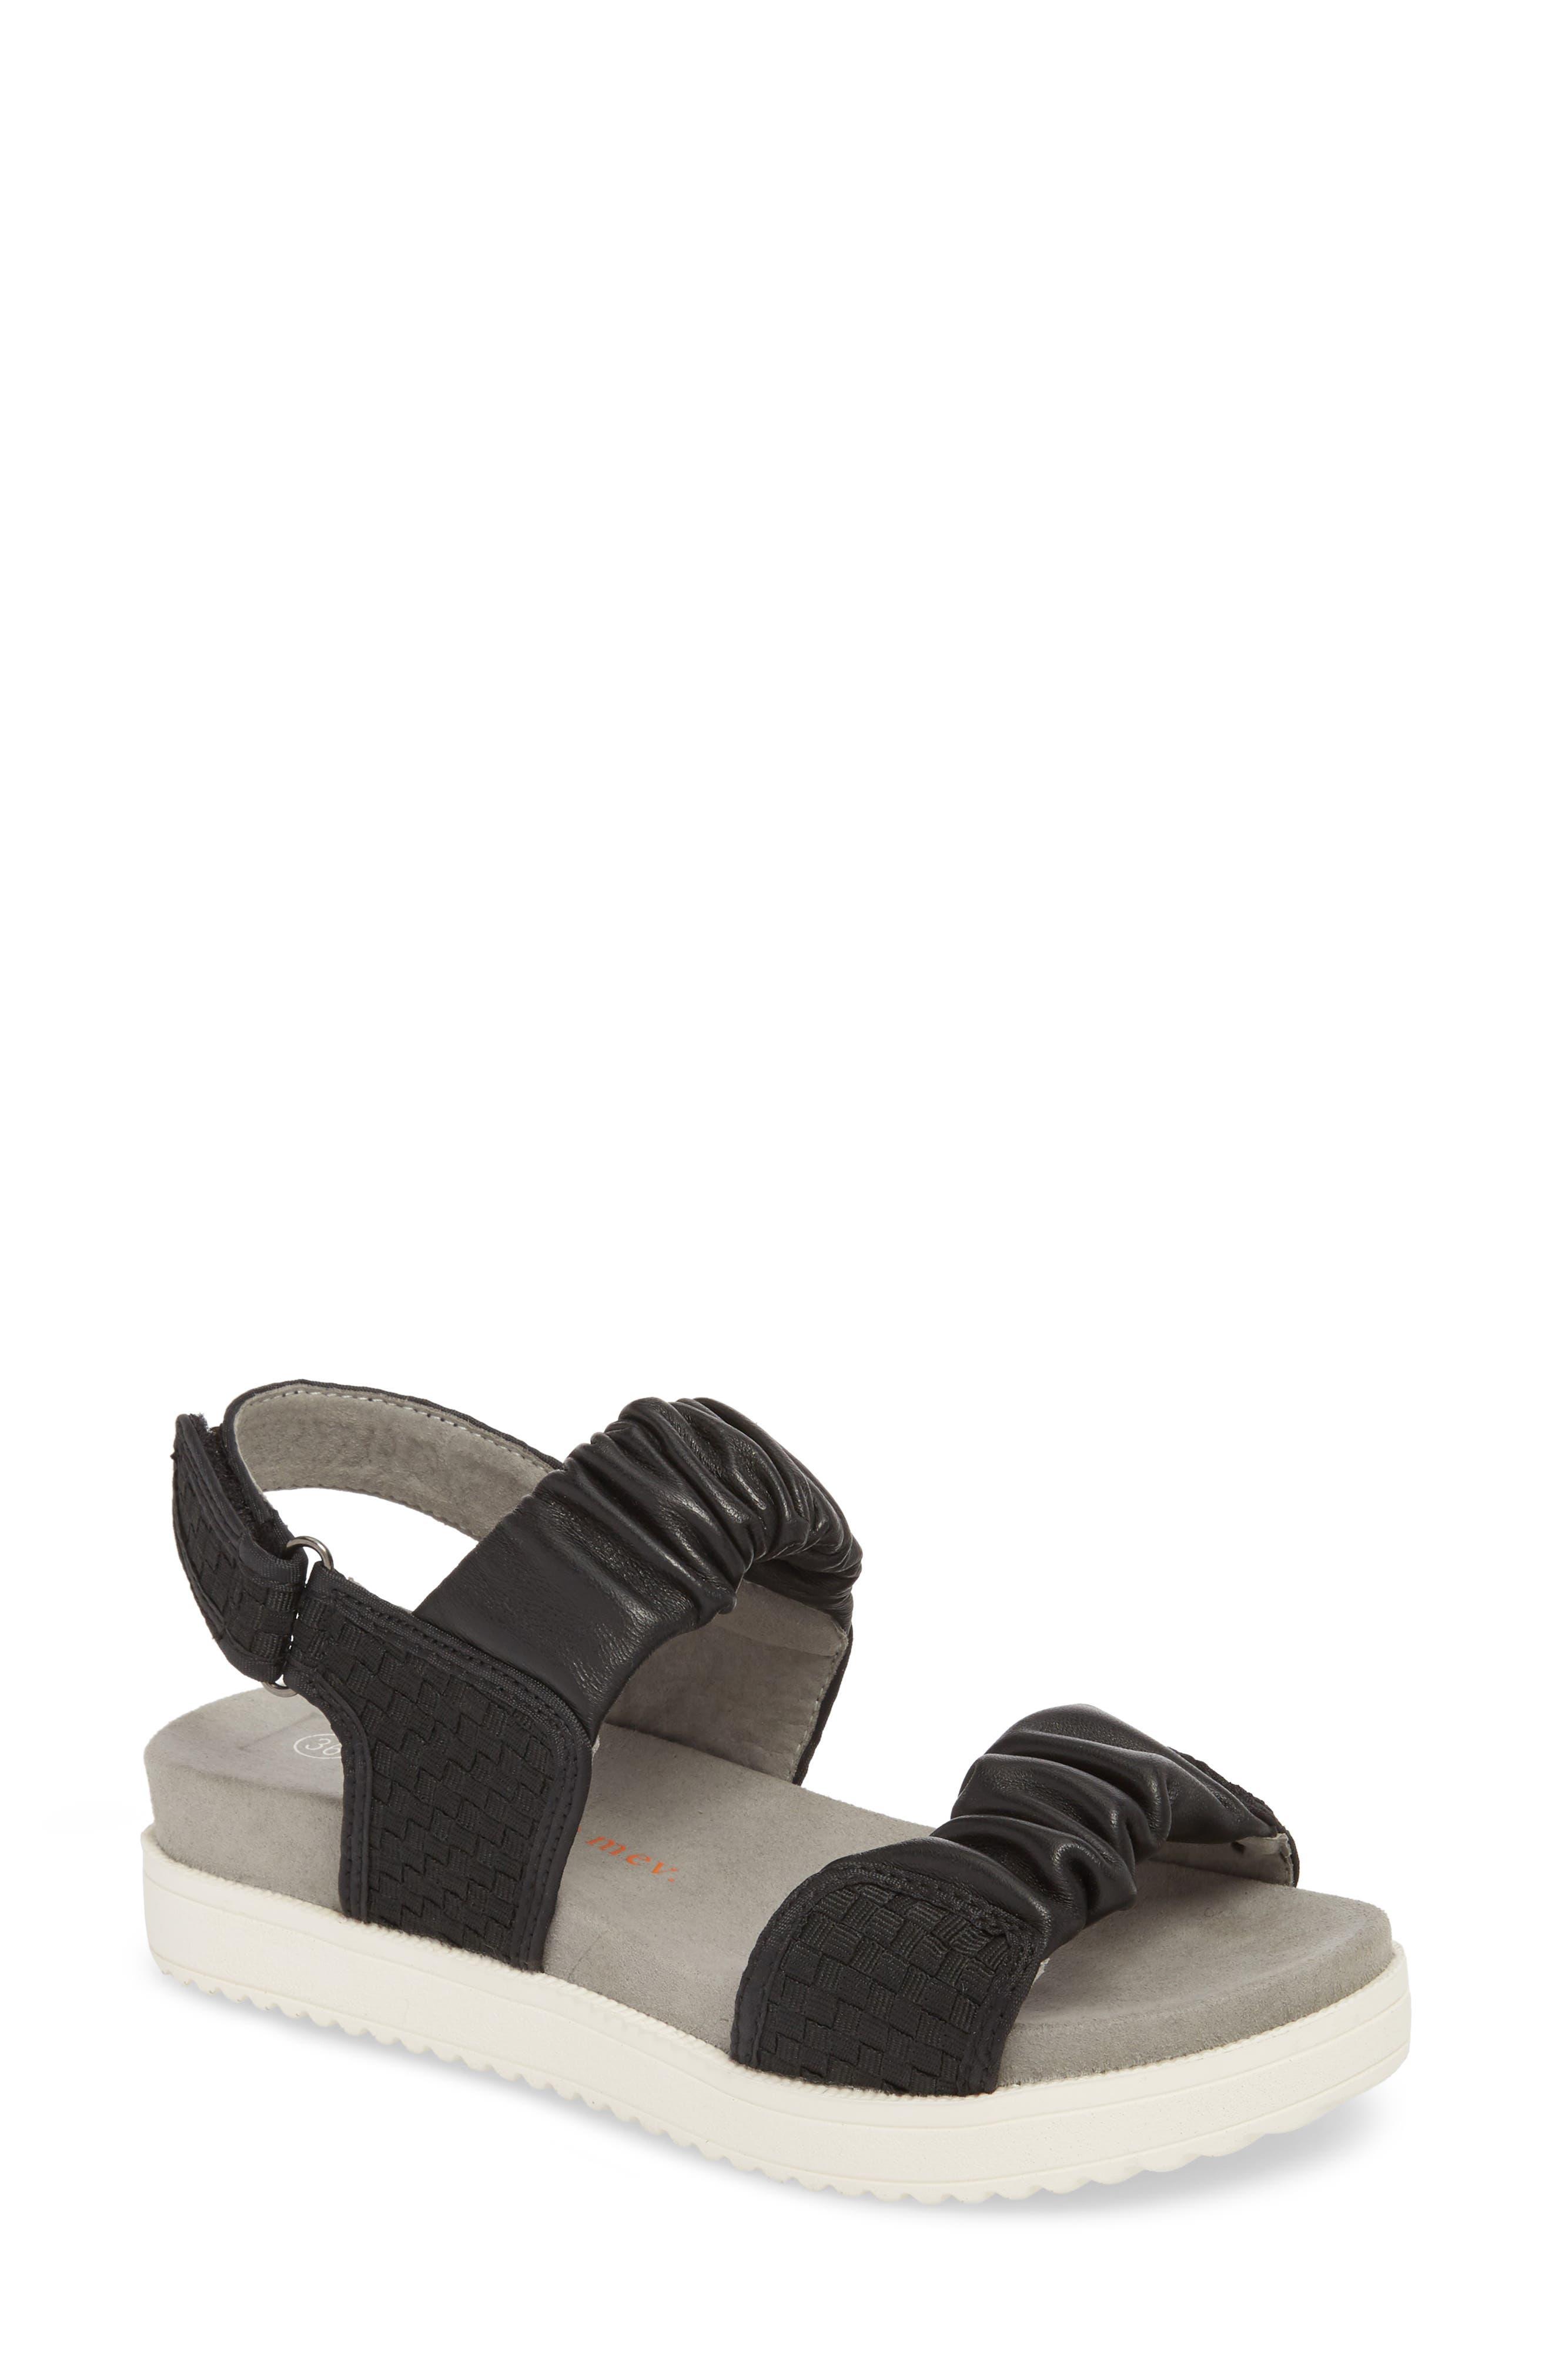 Fiji Sandal,                             Main thumbnail 1, color,                             BLACK/ BLACK LEATHER